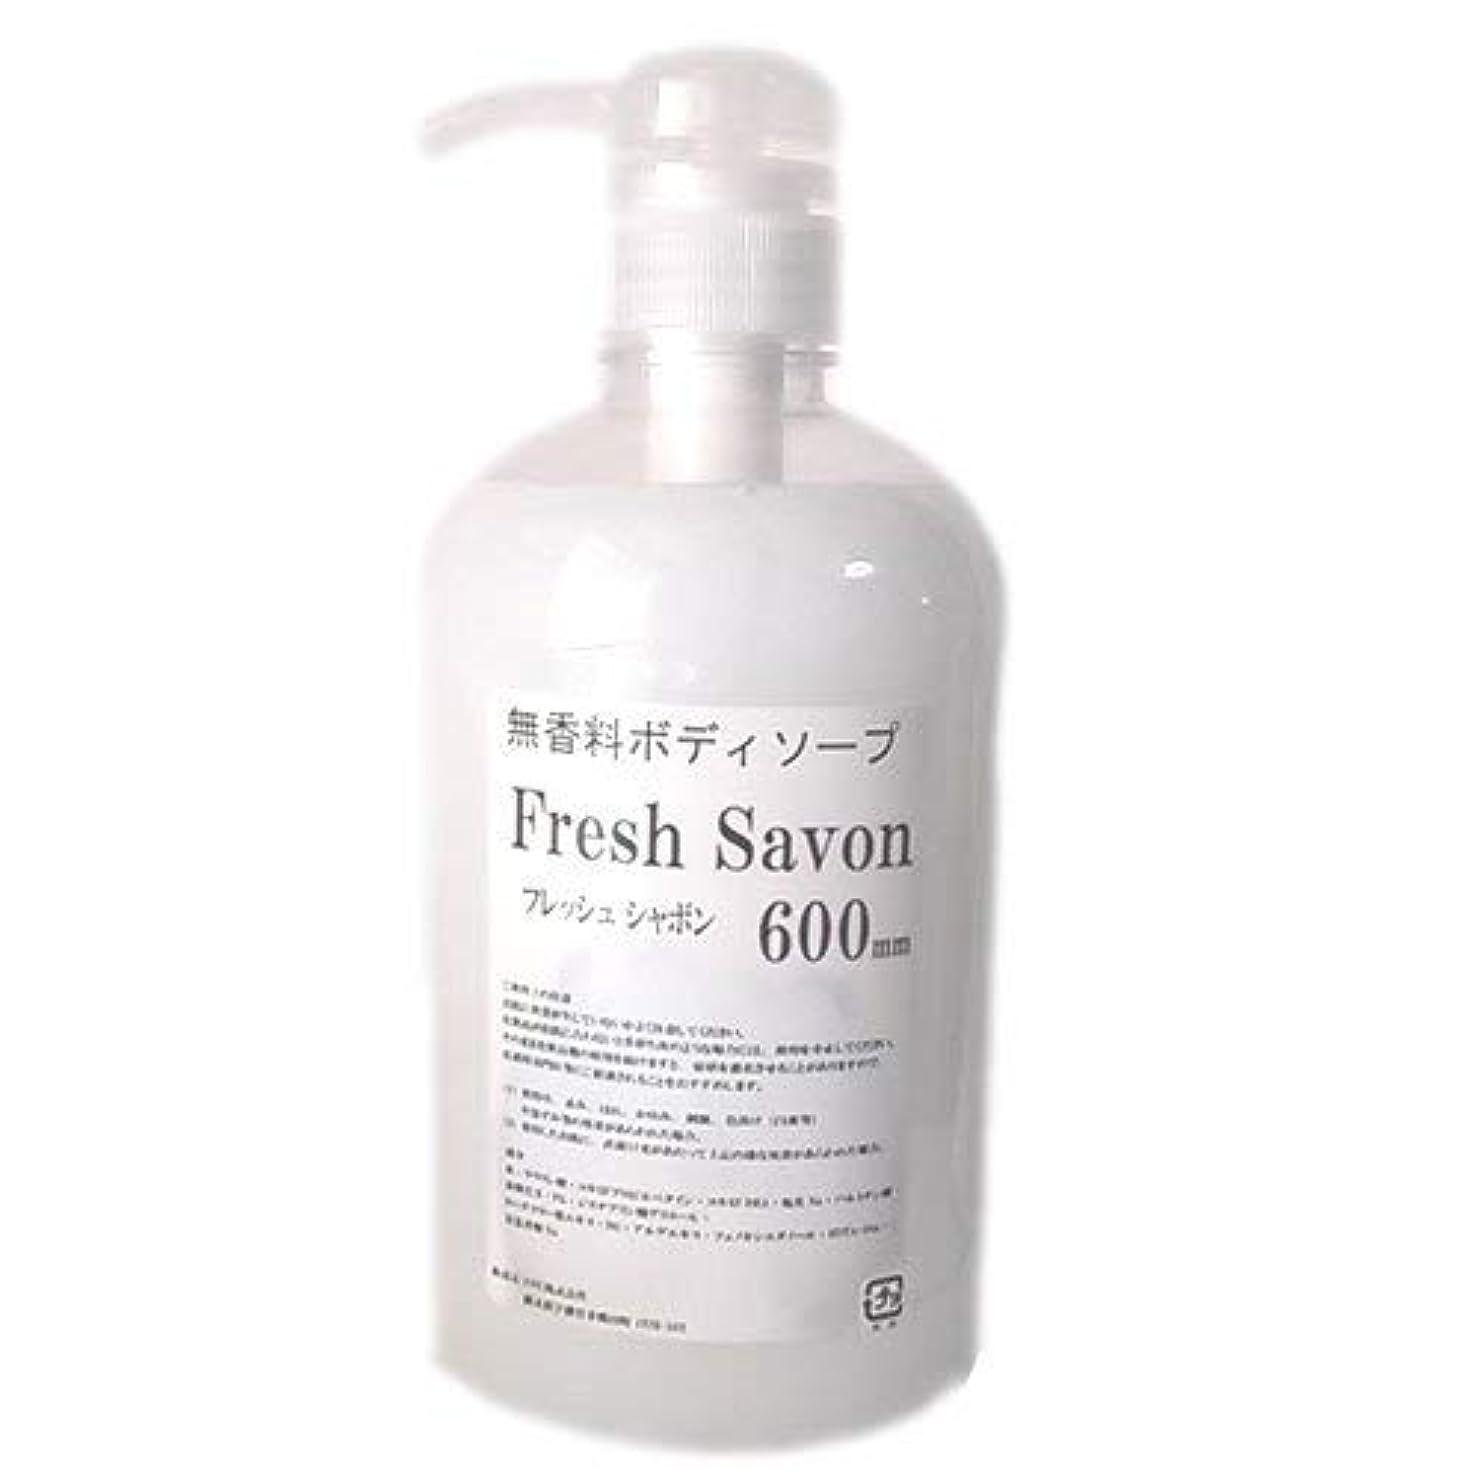 無香料ボディソープ フレッシュシャボン 600mL 香りが残らないタイプ (3本セット)